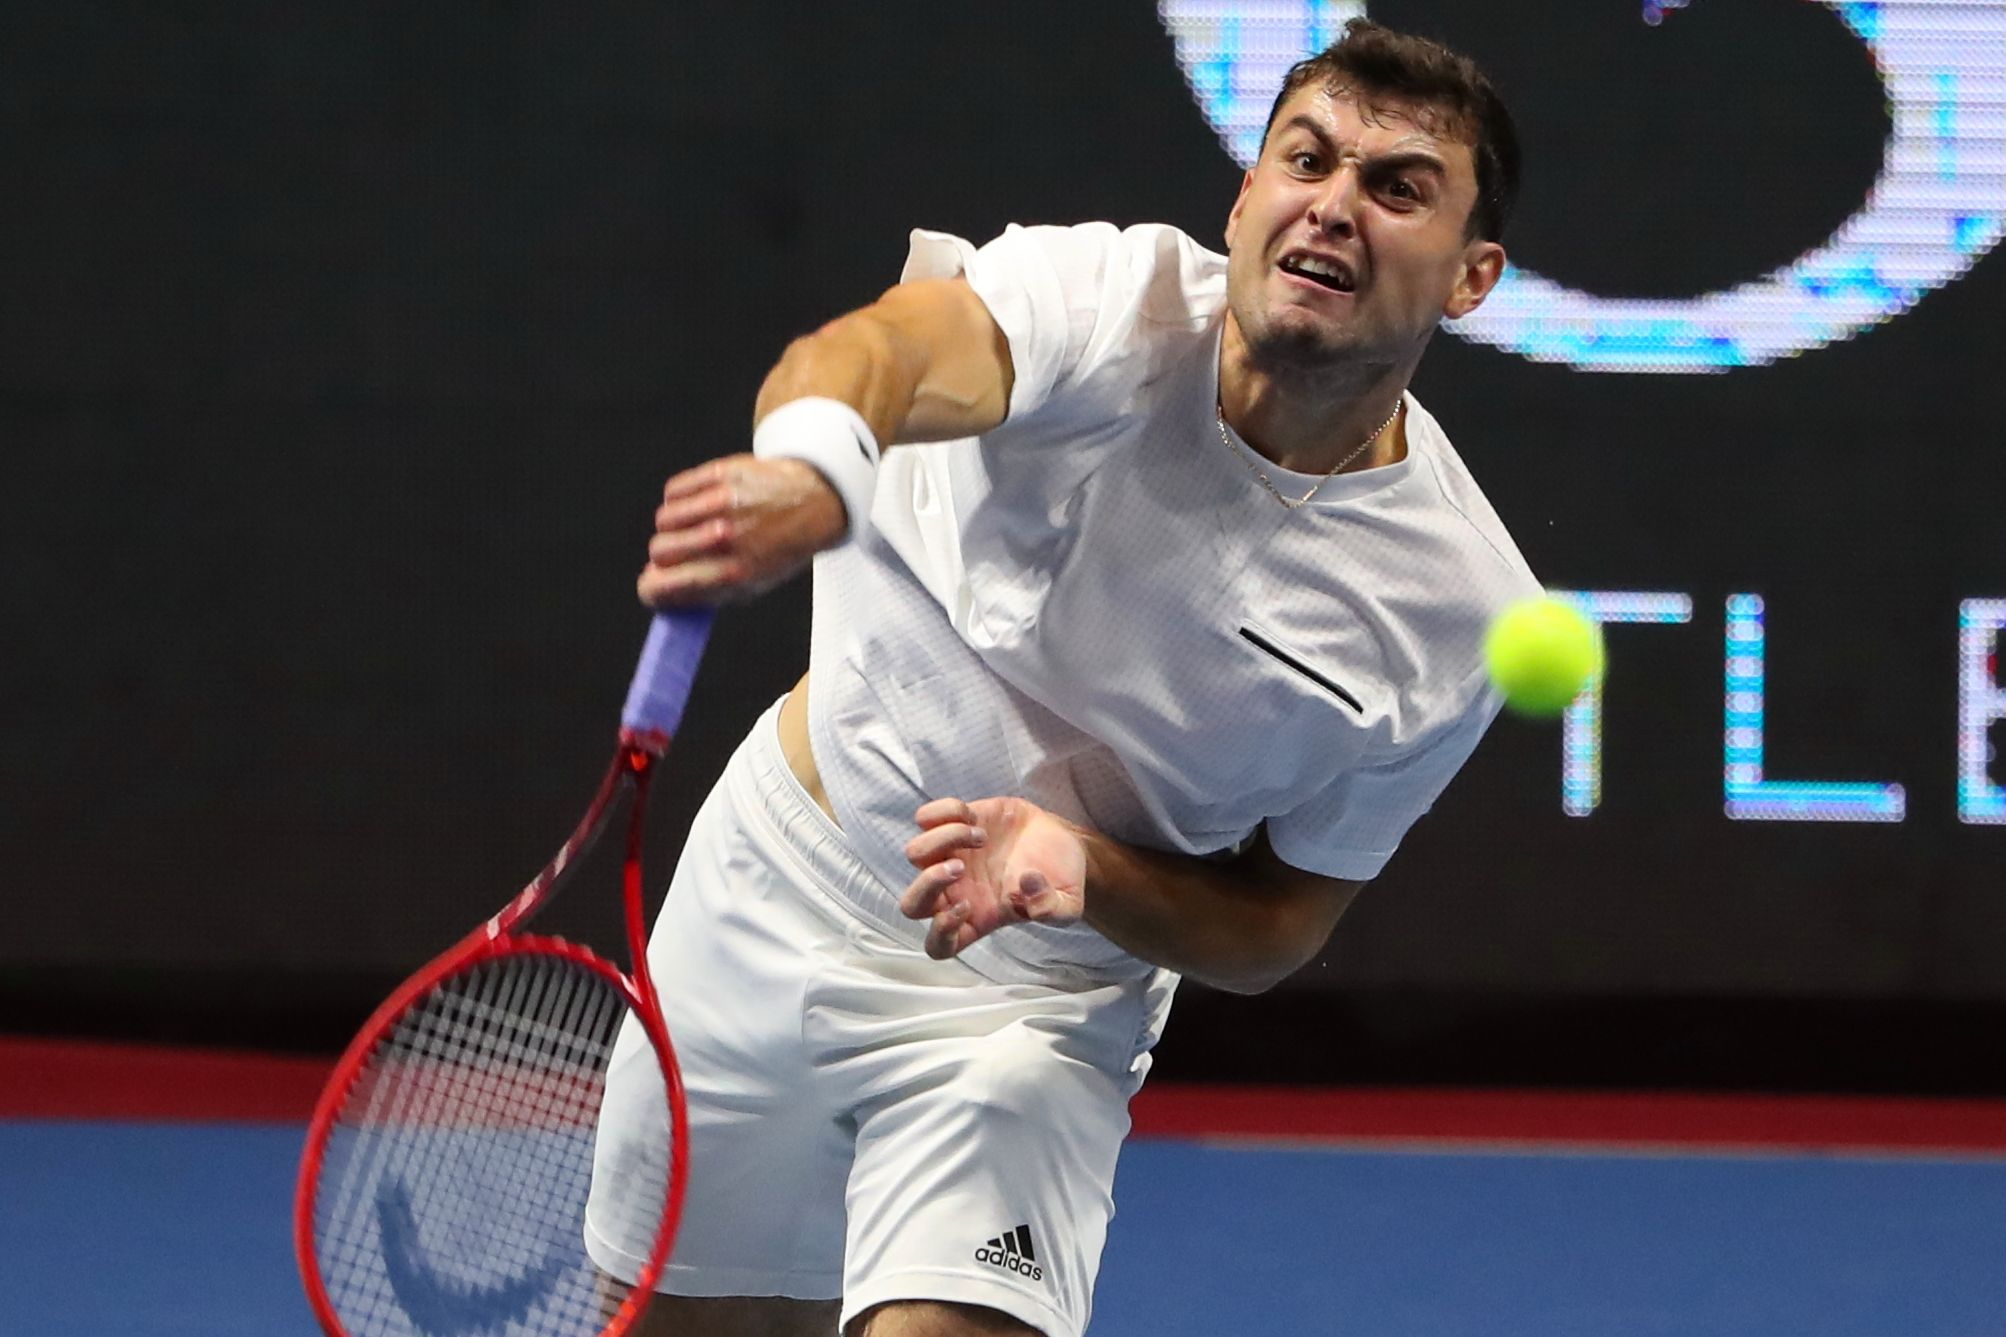 Известный советский теннисист оценил игру Карацева в противостоянии с Джоковичем